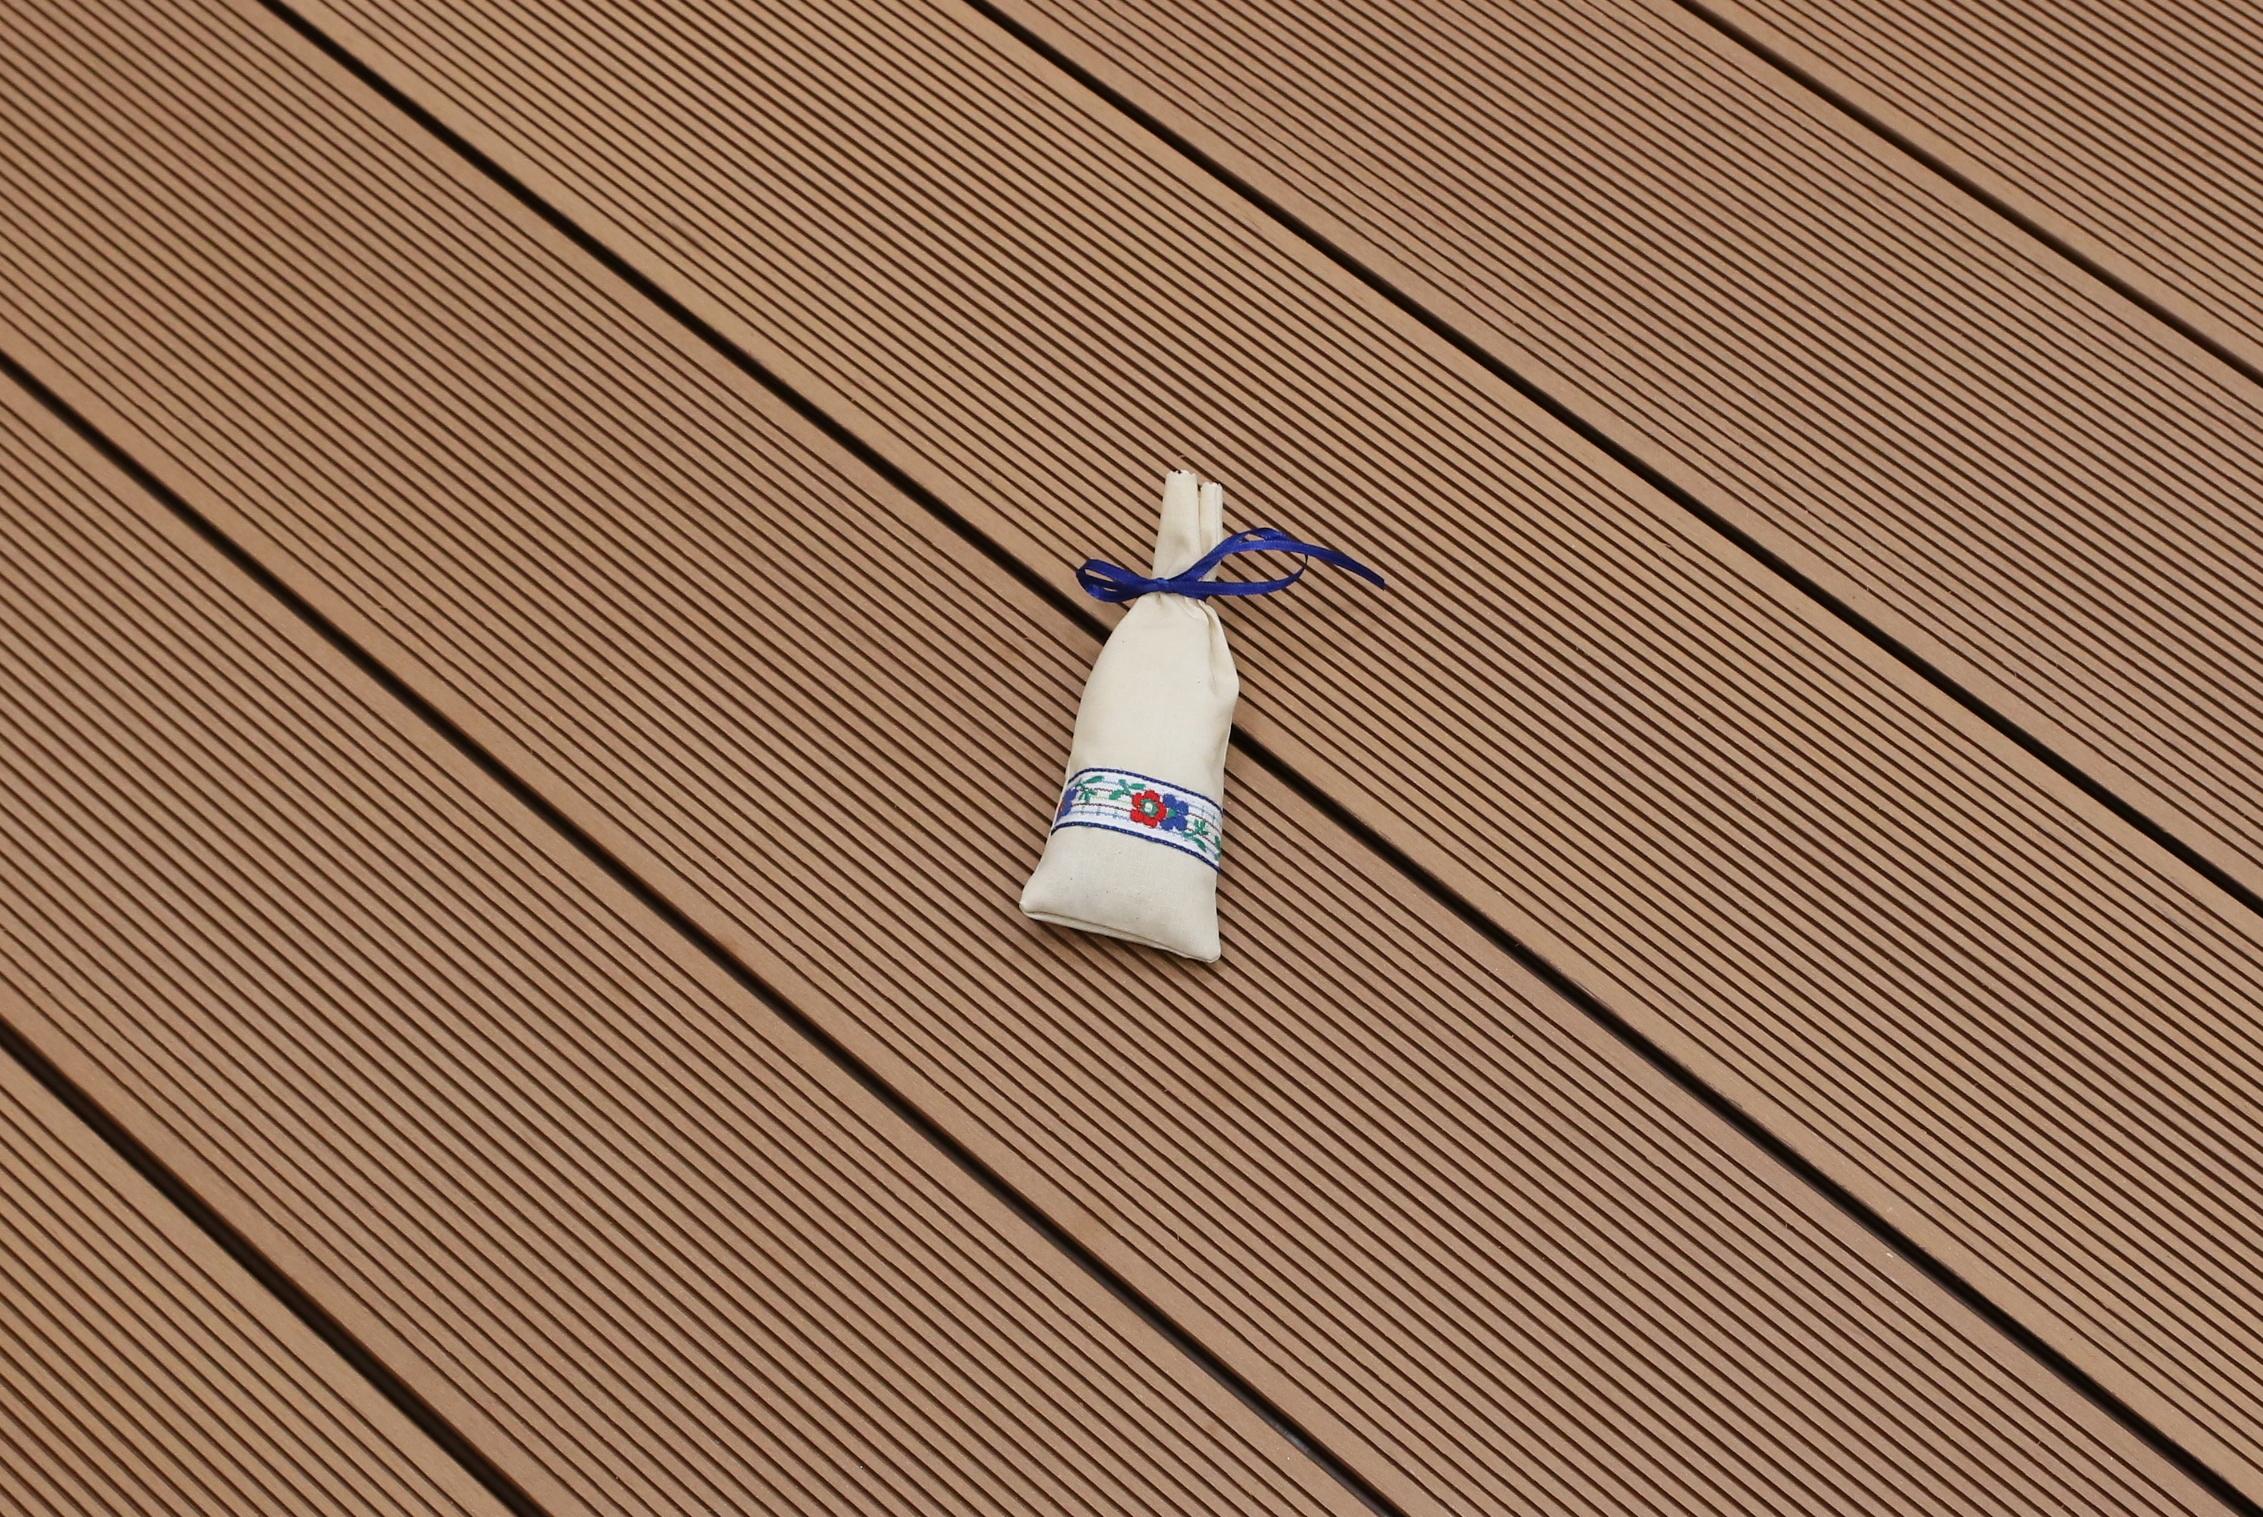 WPC Terrasse massiv, hellbraun, Oberfläche fein gerillt, 22 x 143 bis 4800 mm, Vollprofil, 7,90 €/lfm